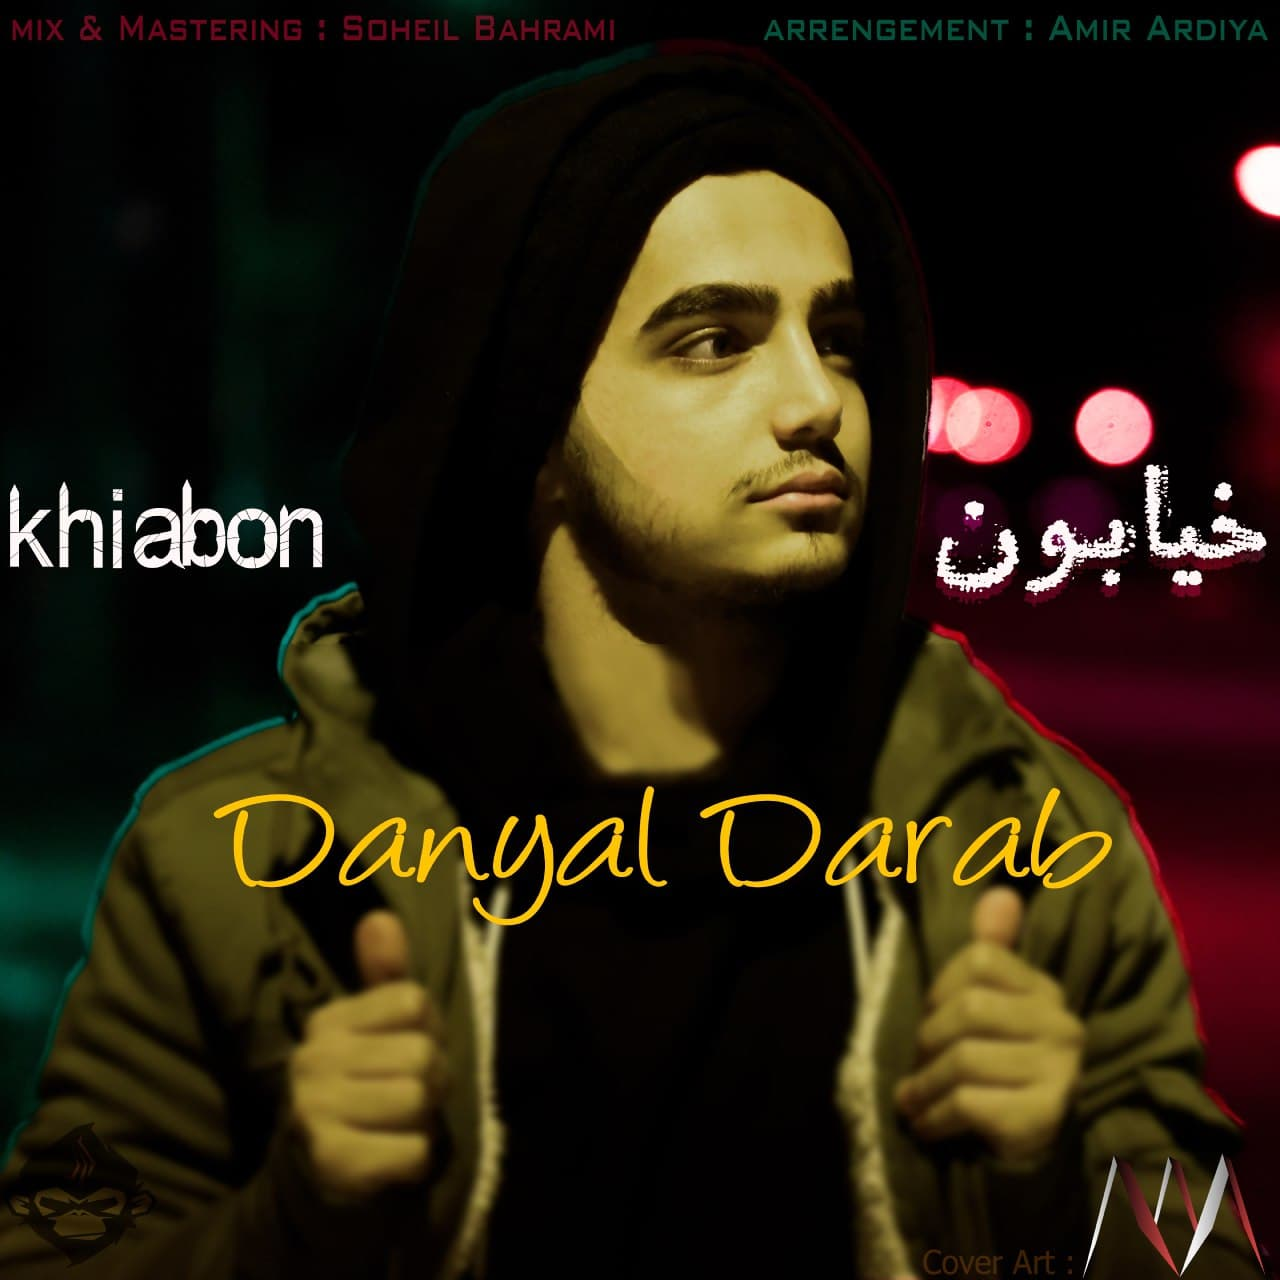 Danyal Darab – Khiabon